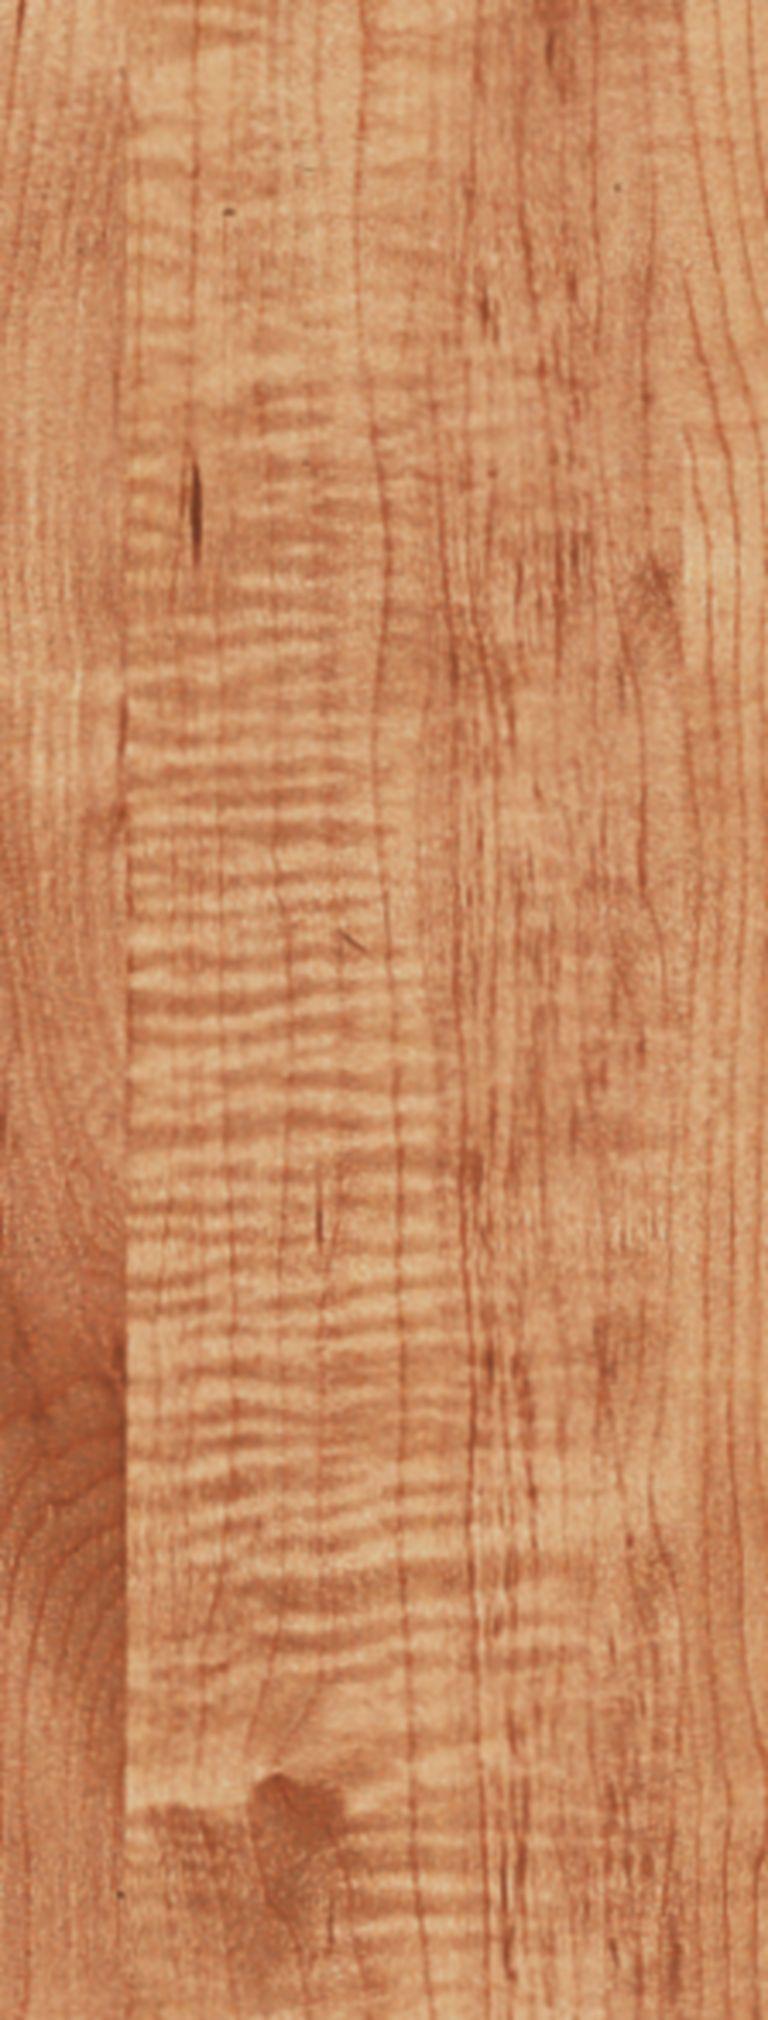 Exotics - Tiger Maple Laminate L6535